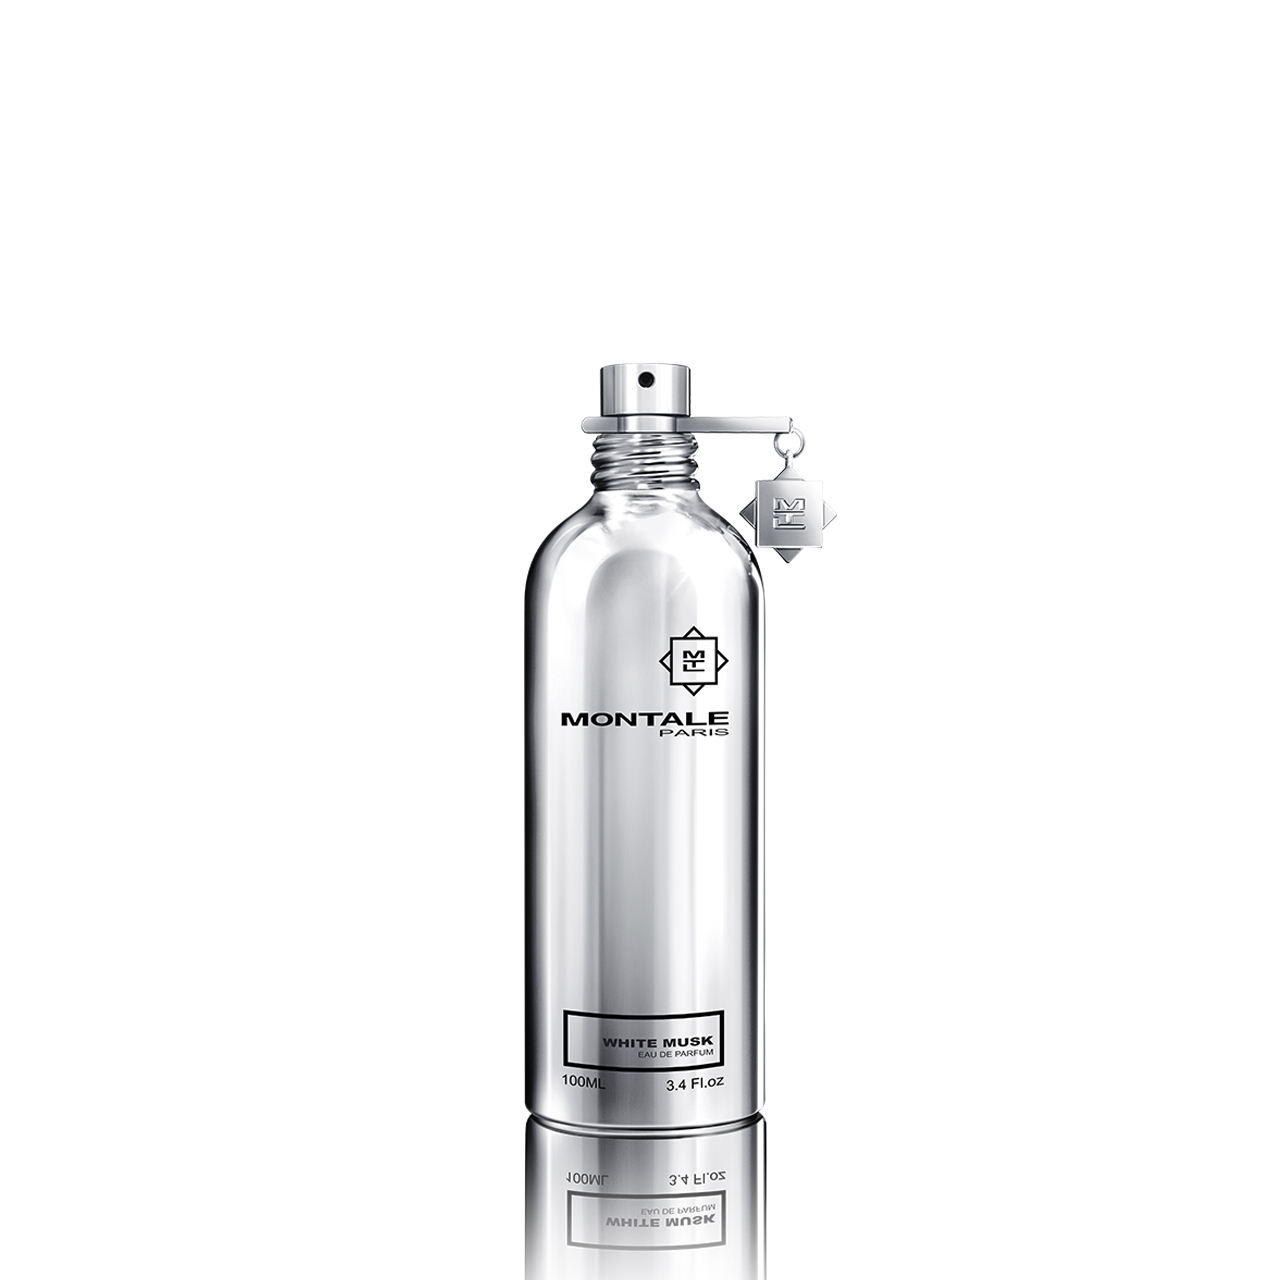 White MusK - Eau de Parfum